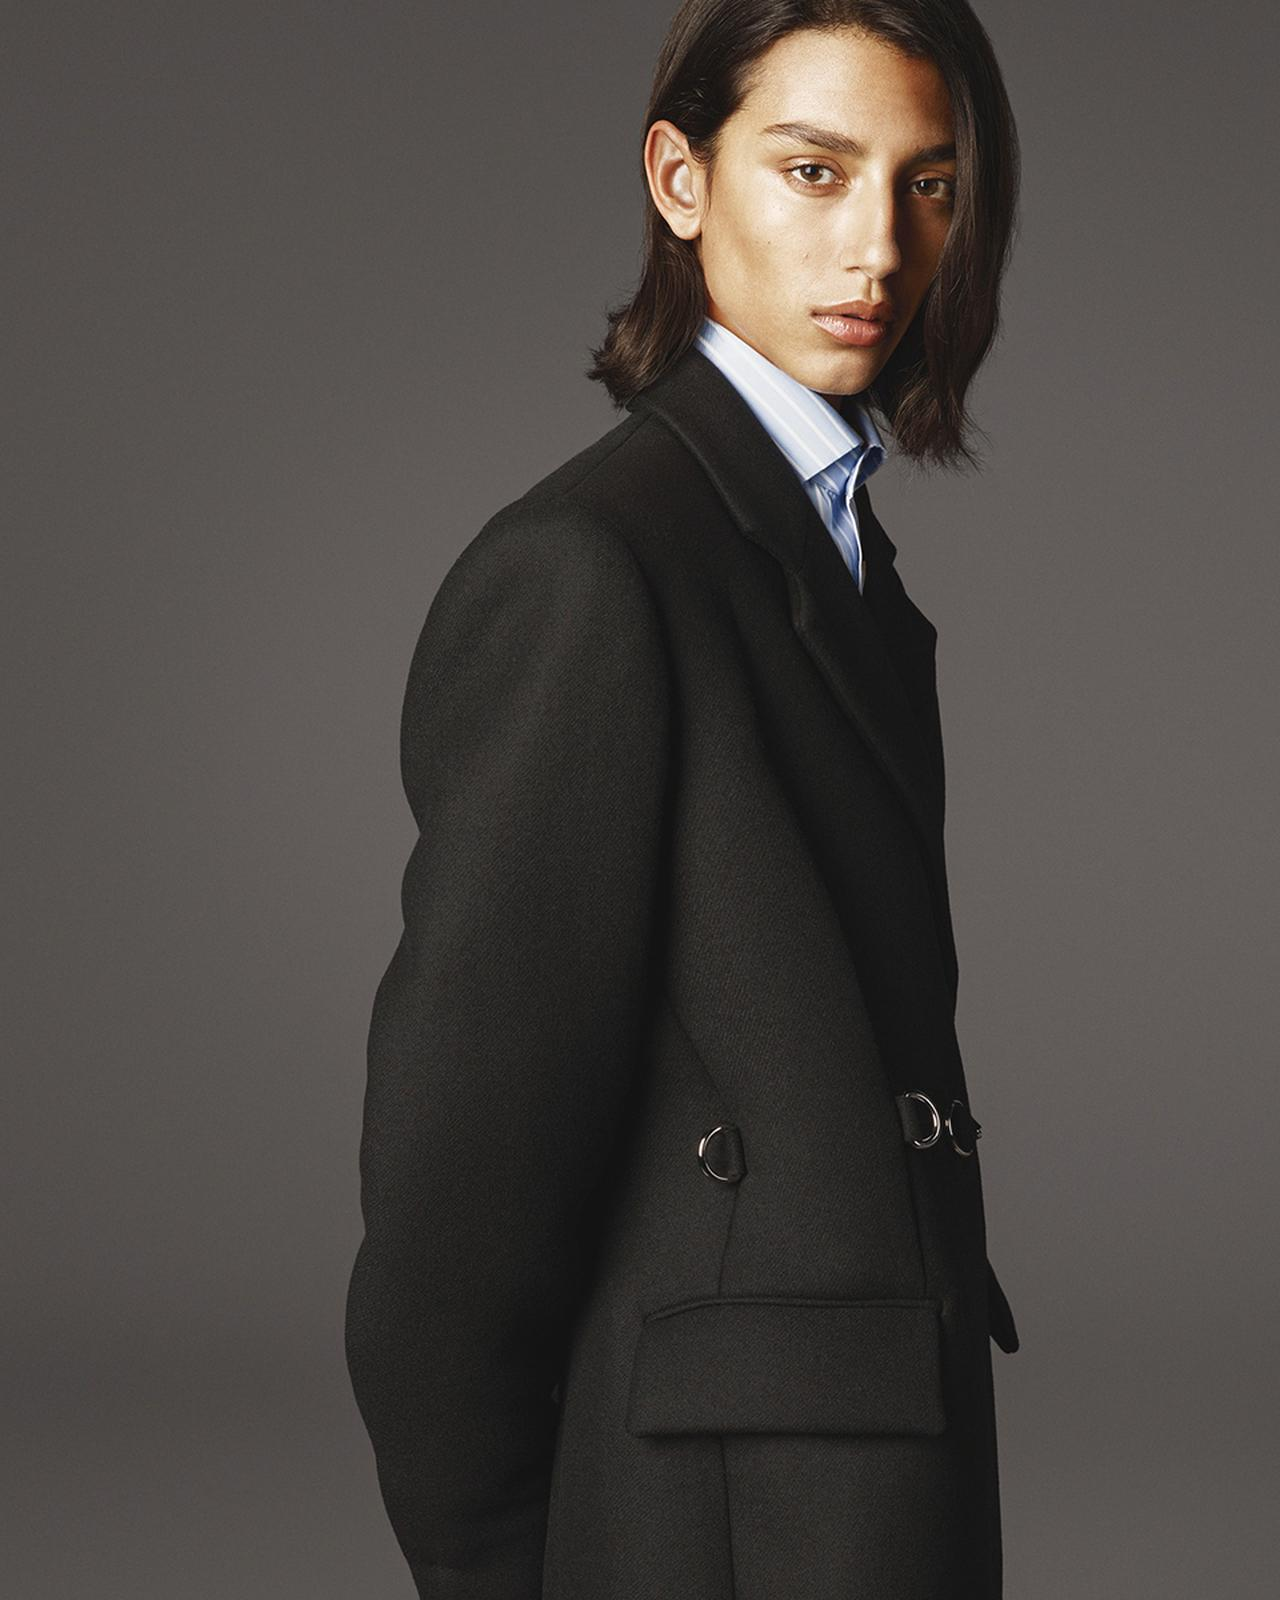 Images : 7番目の画像 - 「「シャツ」が誘う ジェンダーの枠をはずした 自由な精神の輝く新世界」のアルバム - T JAPAN:The New York Times Style Magazine 公式サイト